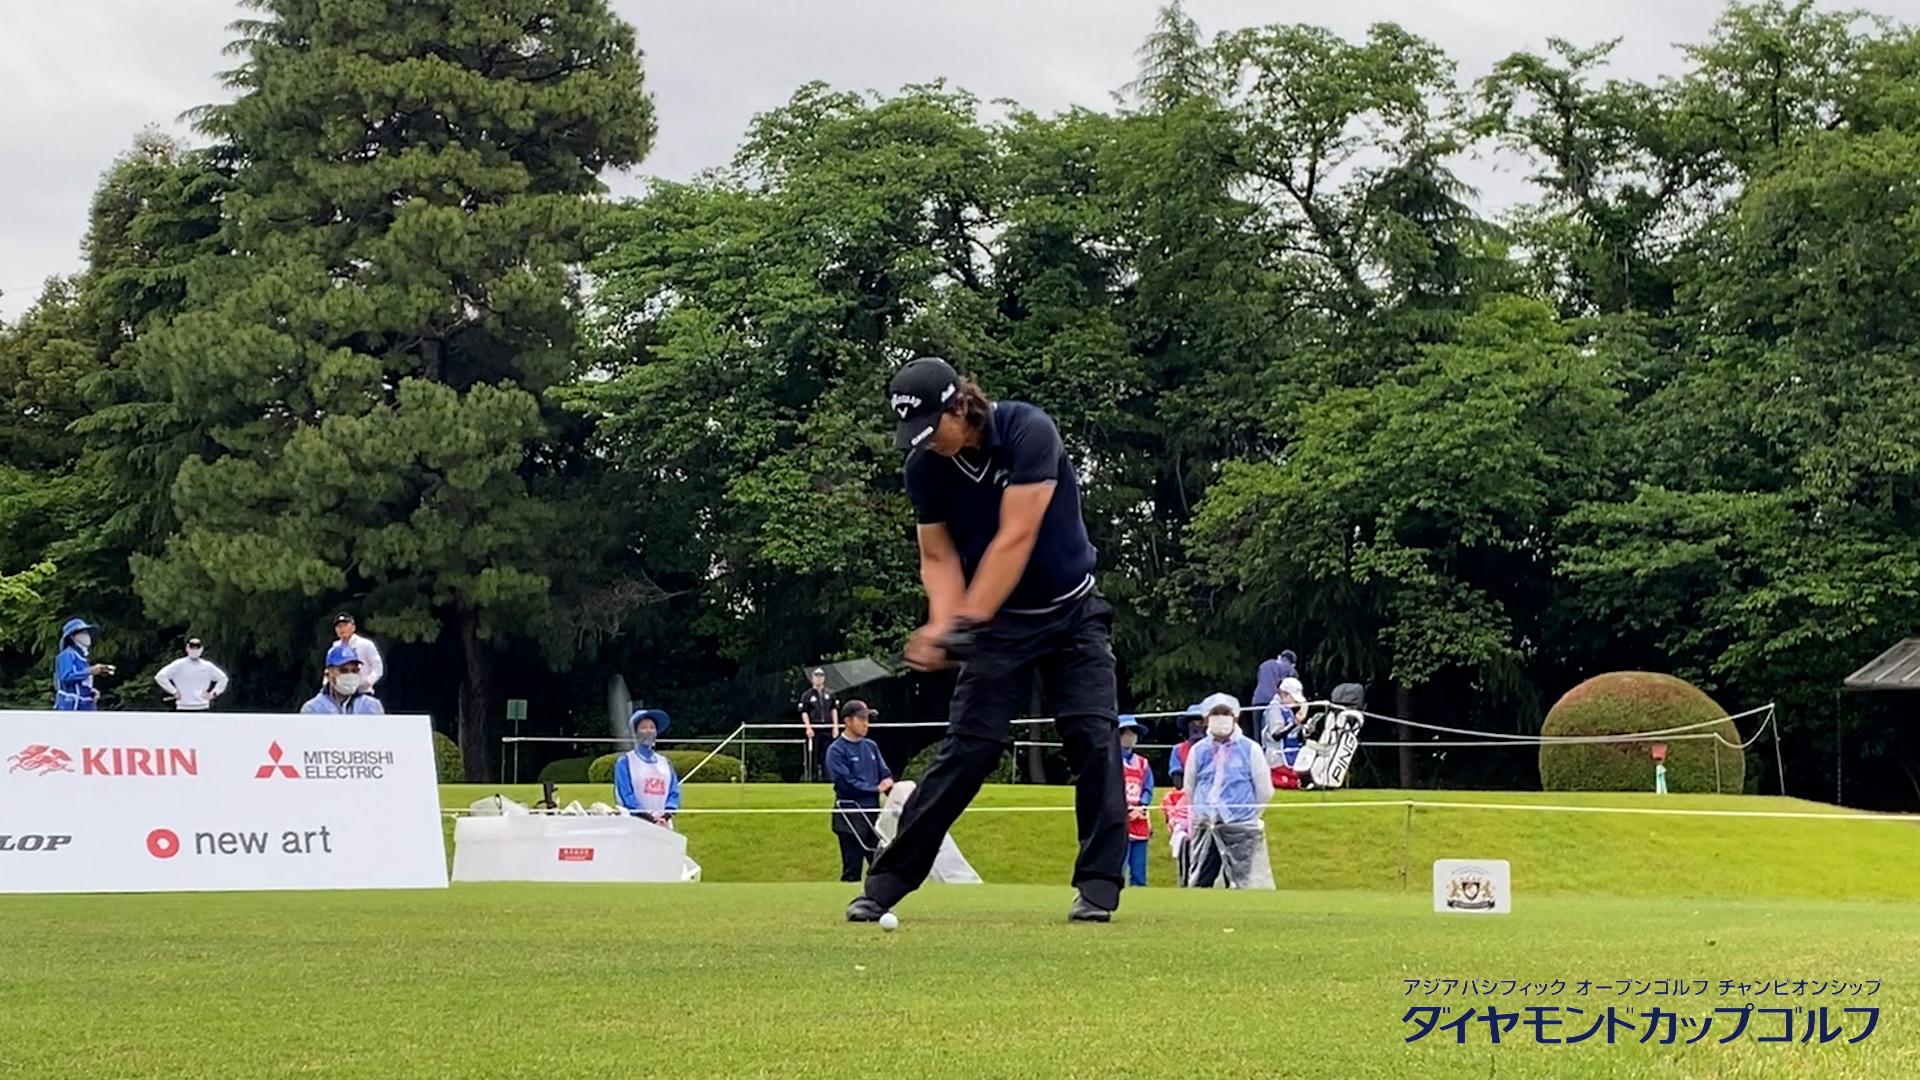 【男子ゴルフ】@米澤蓮、浅地洋佑、石川遼のスタートホールティショット!アジアパシフィックダイヤモンドカップゴルフ 1st Round